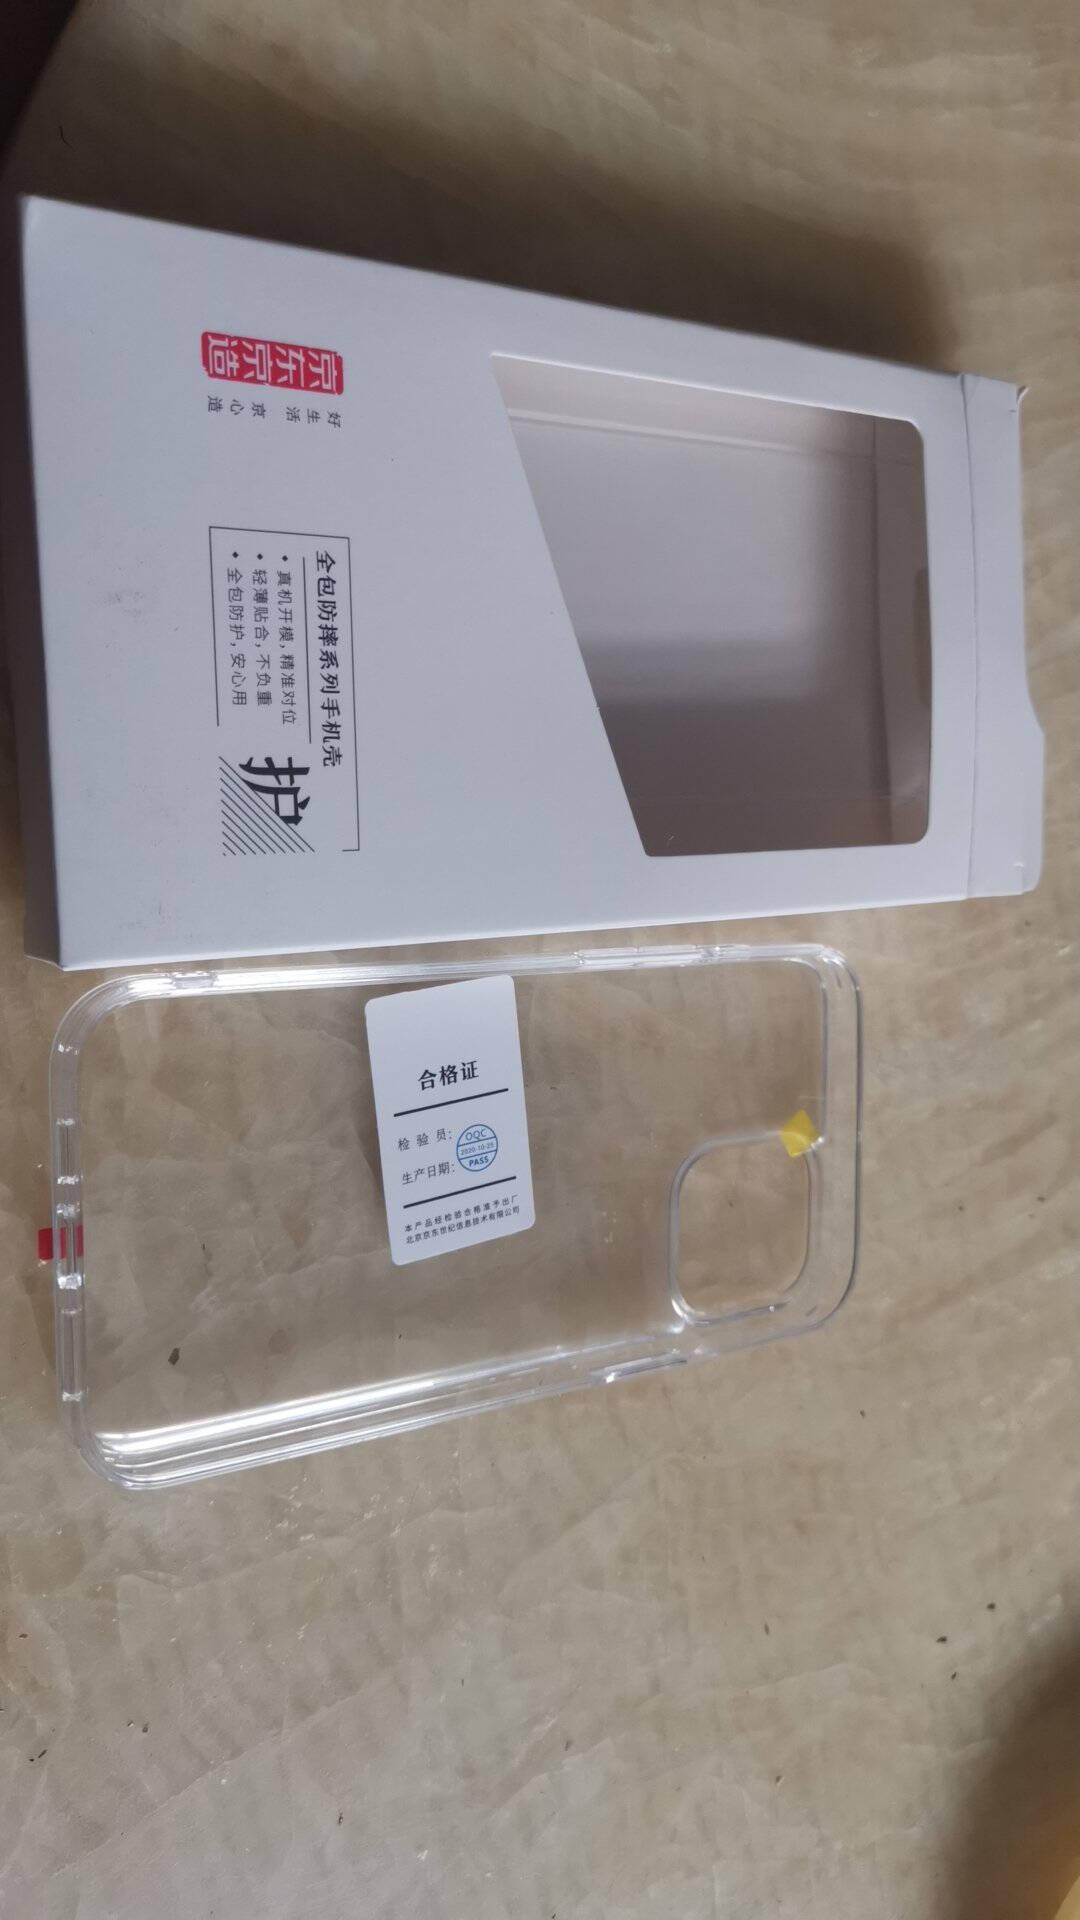 京东京造iPhone12Promax手机壳苹果12Promax保护套透明防摔玻璃壳全包硅胶软边镜面男女潮款6.7英寸透明